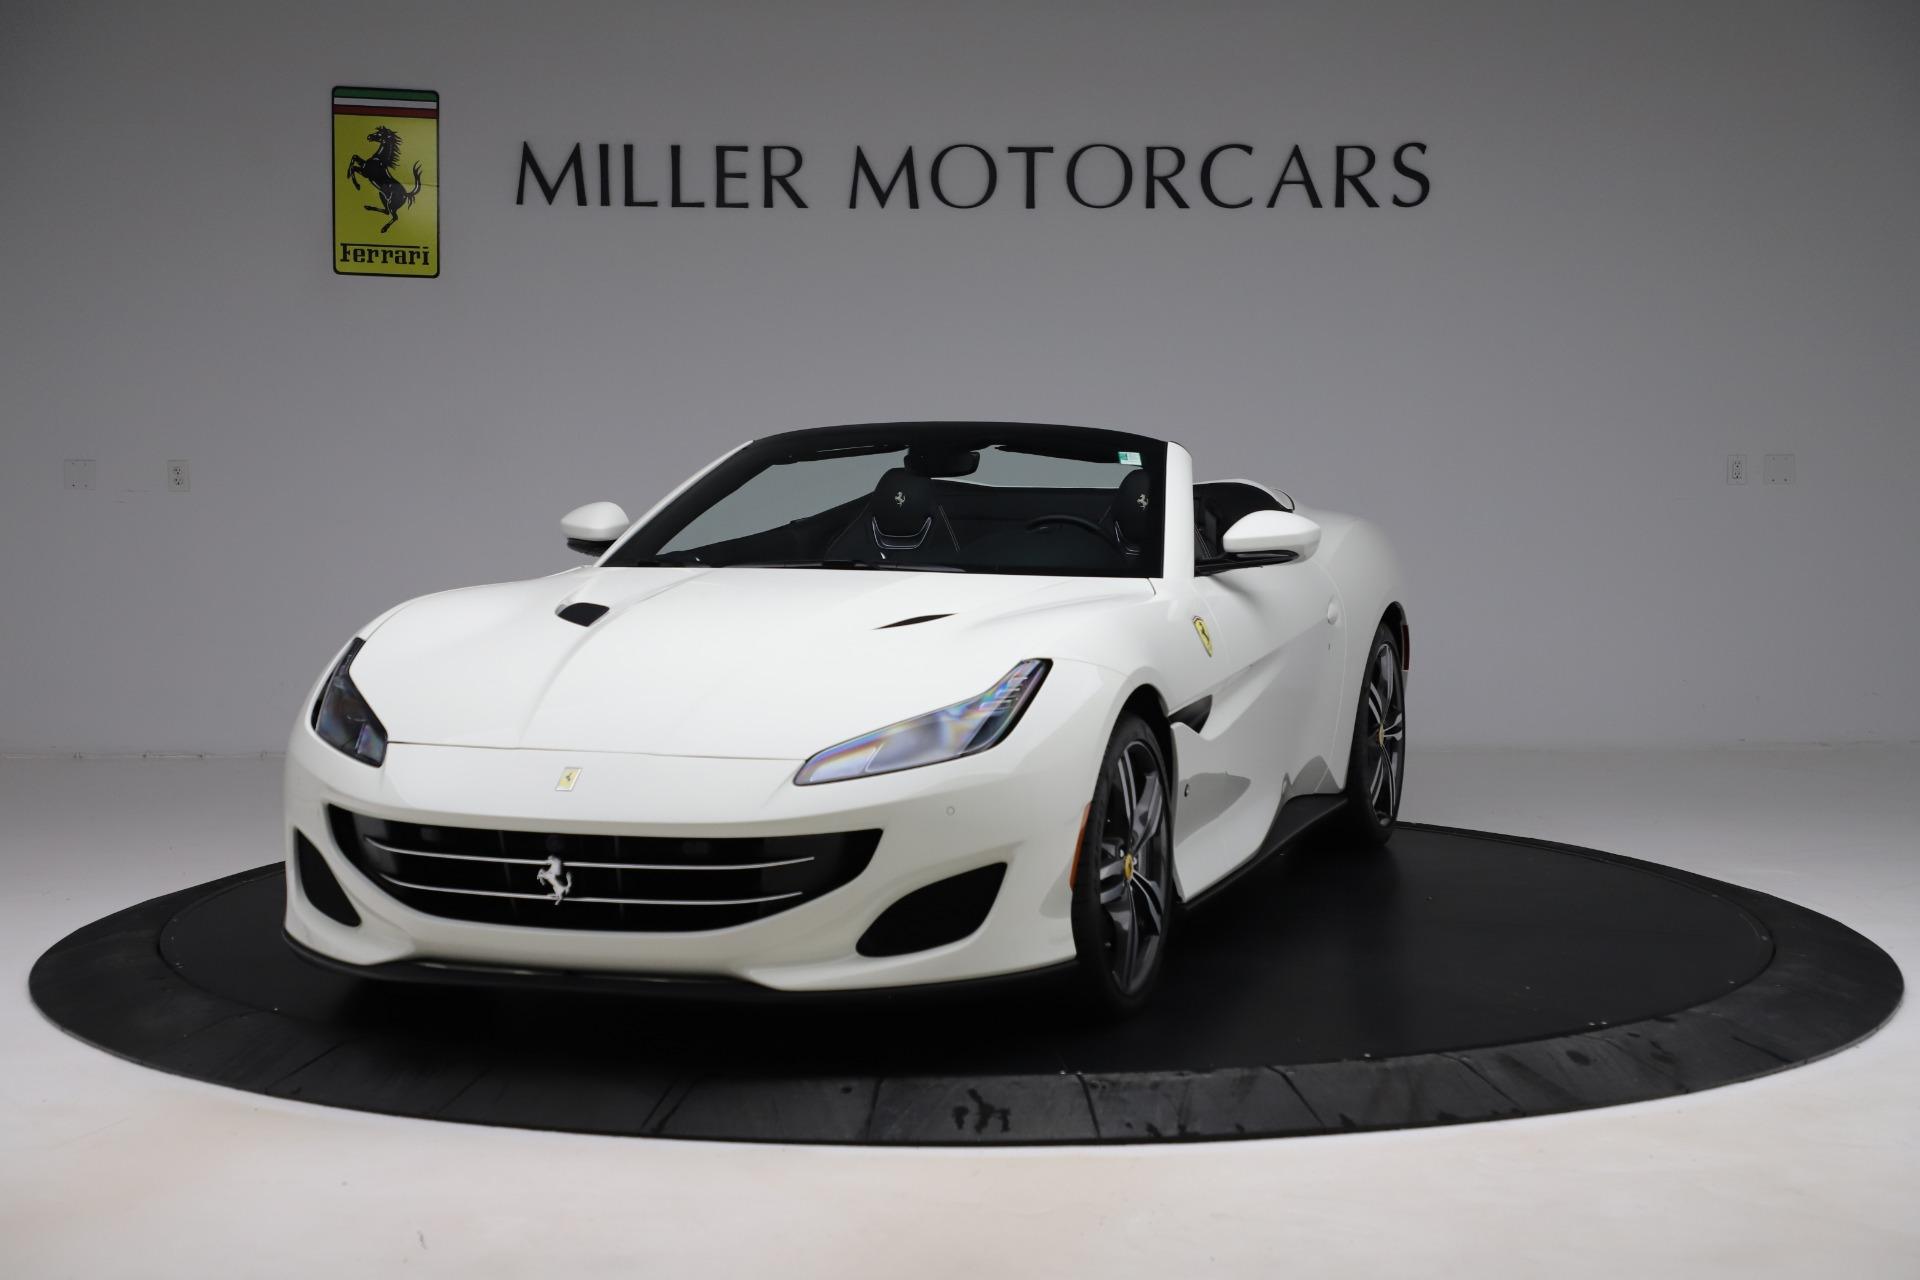 Used 2019 Ferrari Portofino for sale $231,900 at Bentley Greenwich in Greenwich CT 06830 1